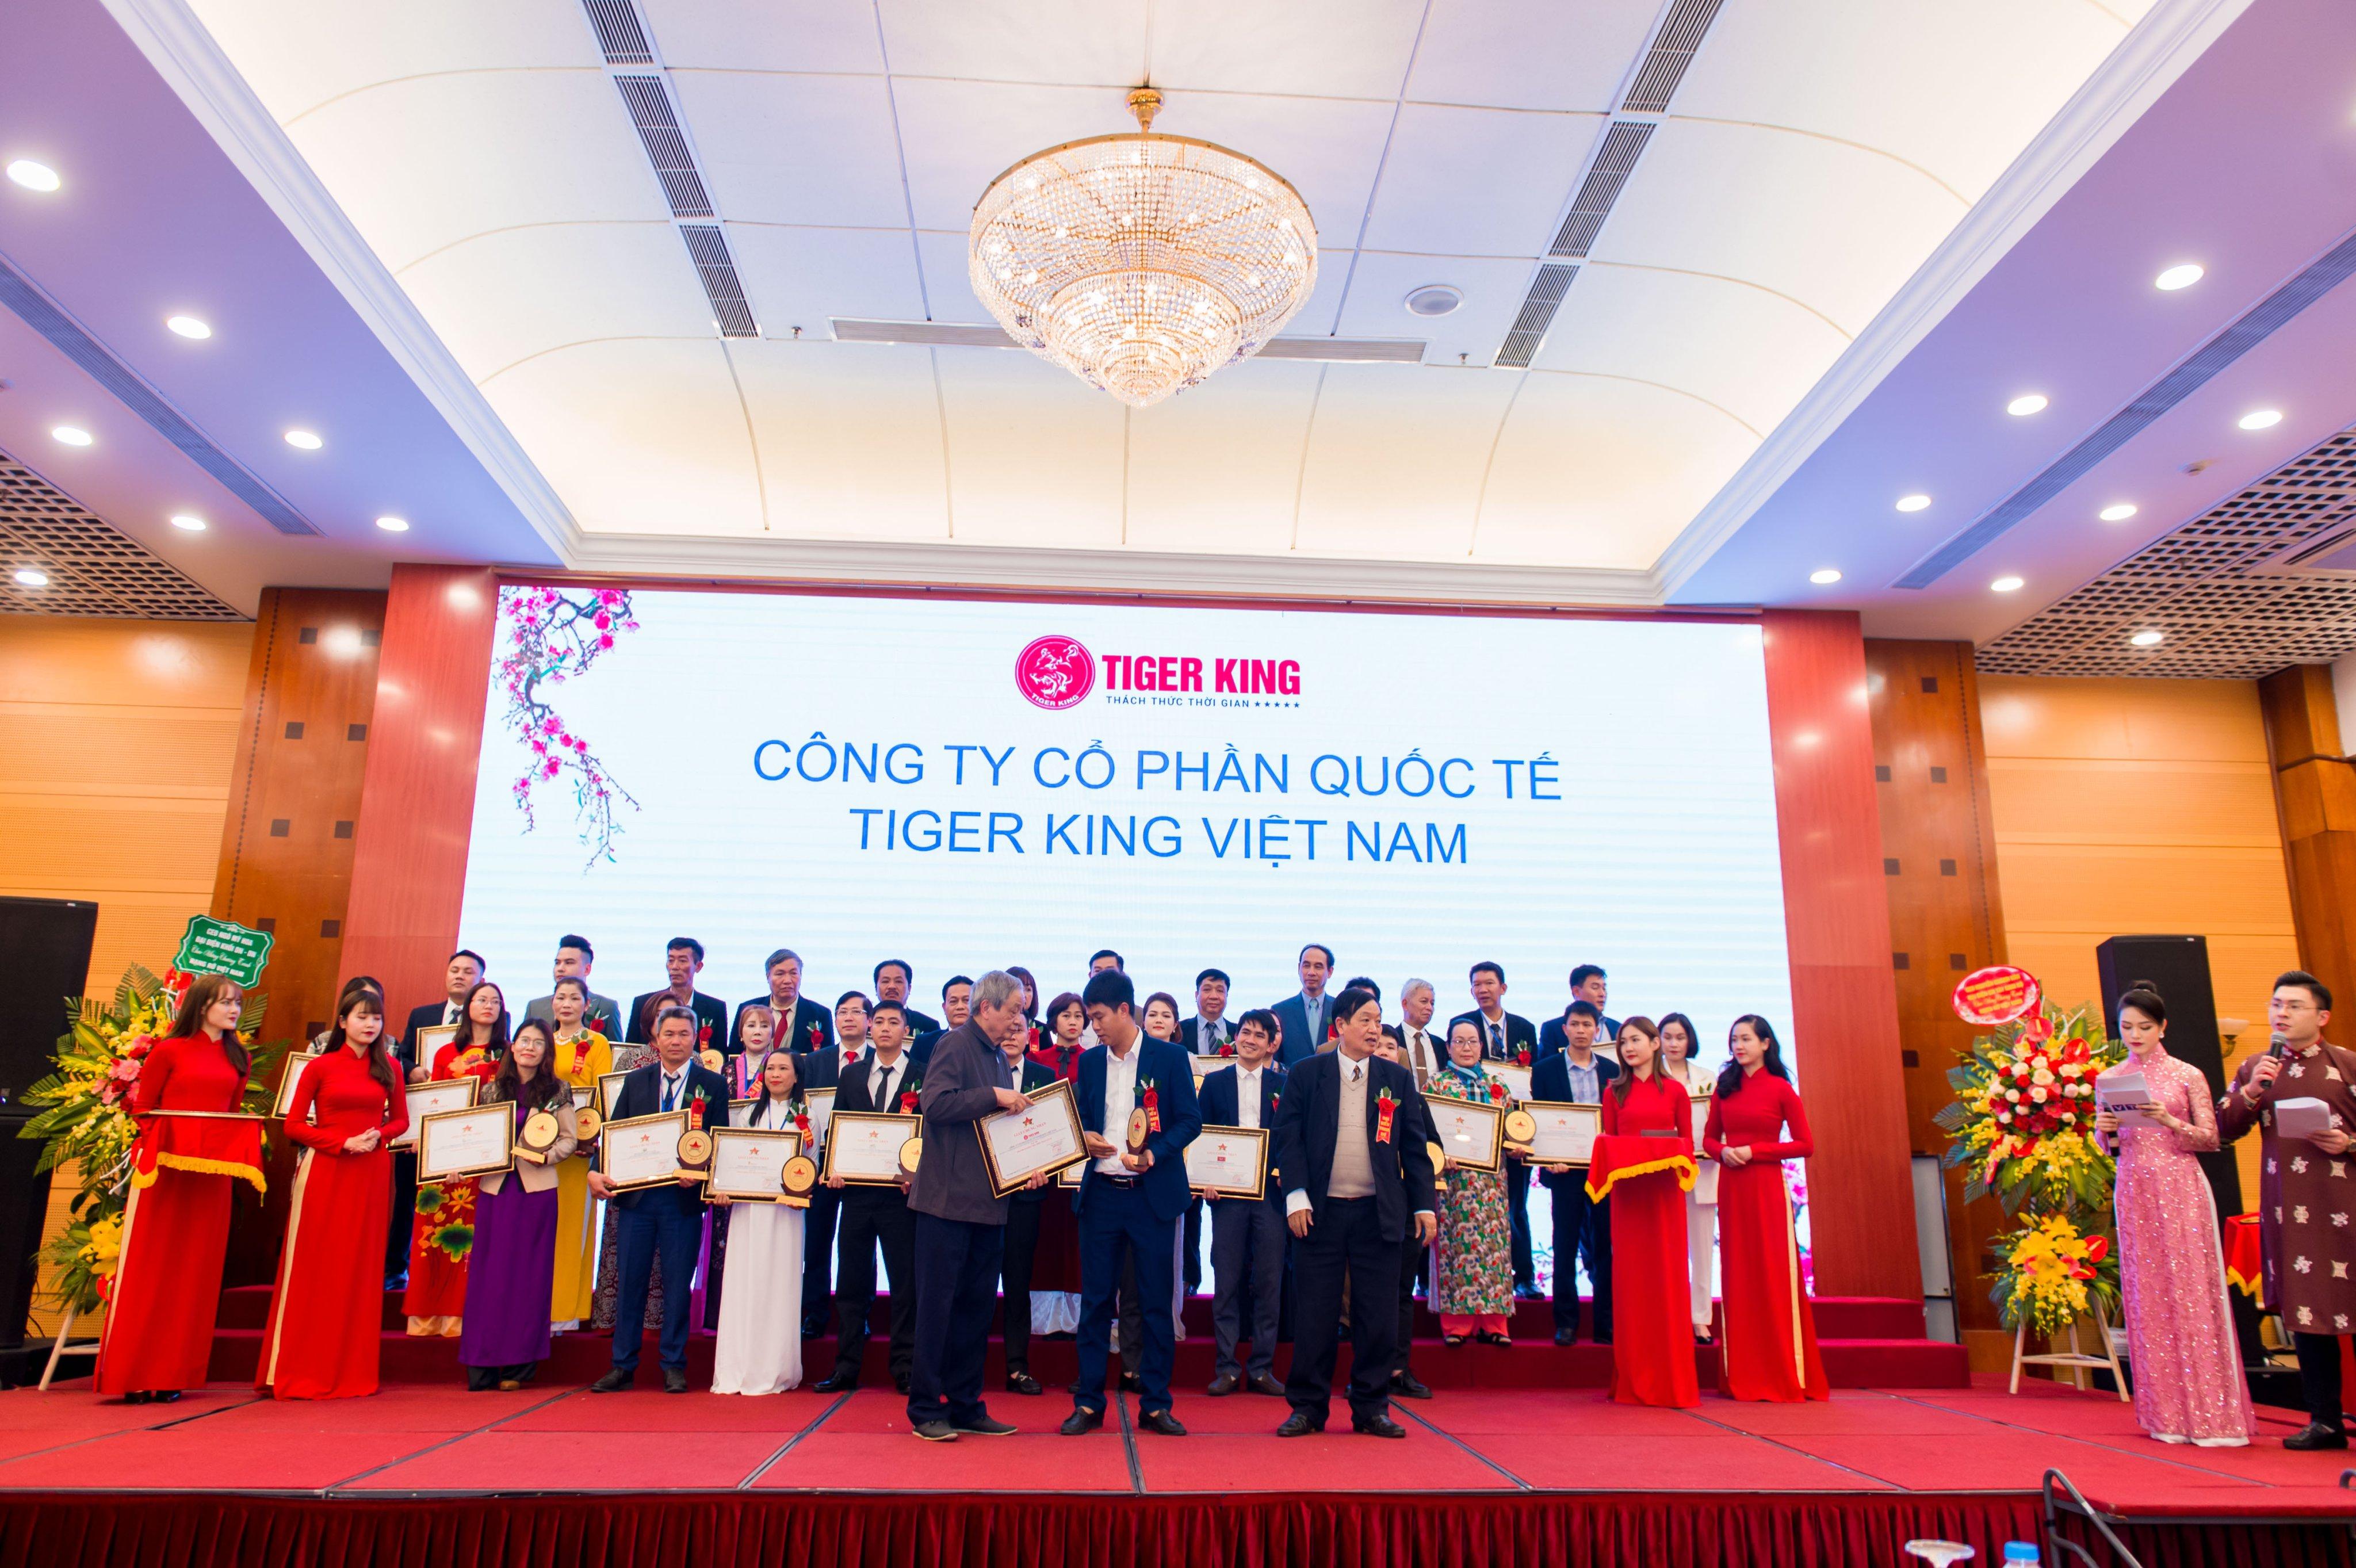 TOP 100 DOANH NGHIỆP TIÊU BIỂU TOÀN QUỐC